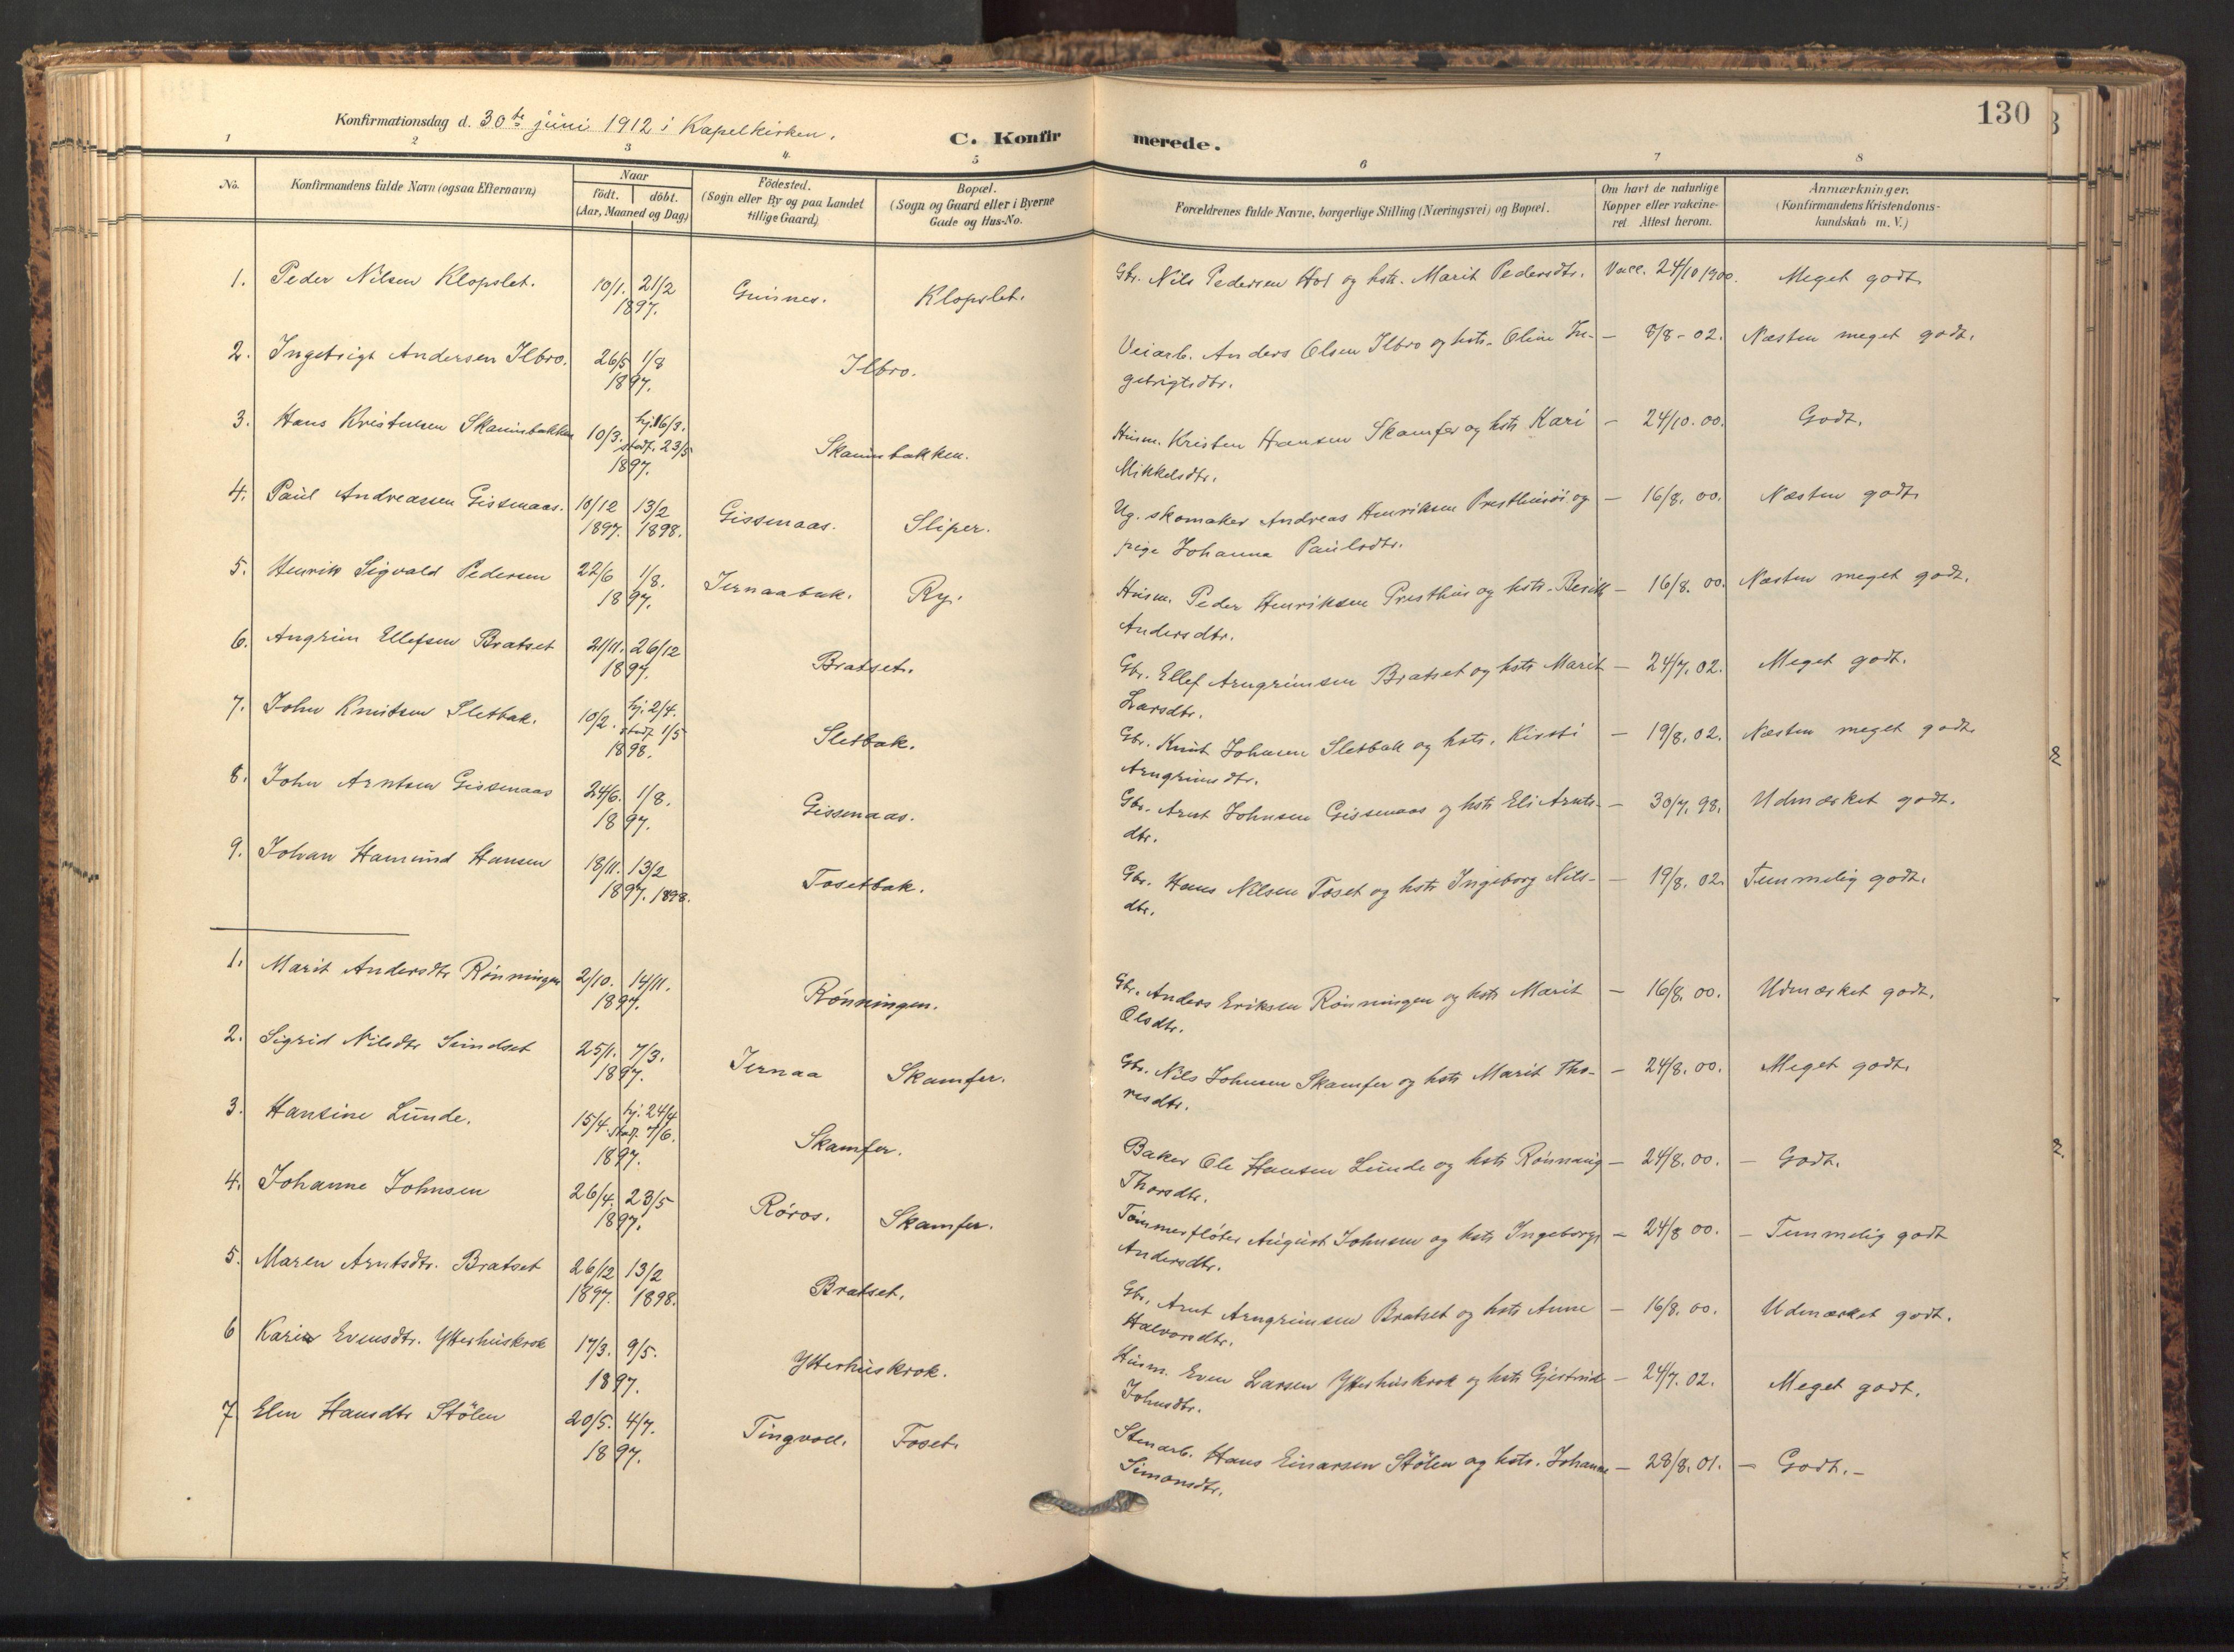 SAT, Ministerialprotokoller, klokkerbøker og fødselsregistre - Sør-Trøndelag, 674/L0873: Ministerialbok nr. 674A05, 1908-1923, s. 130